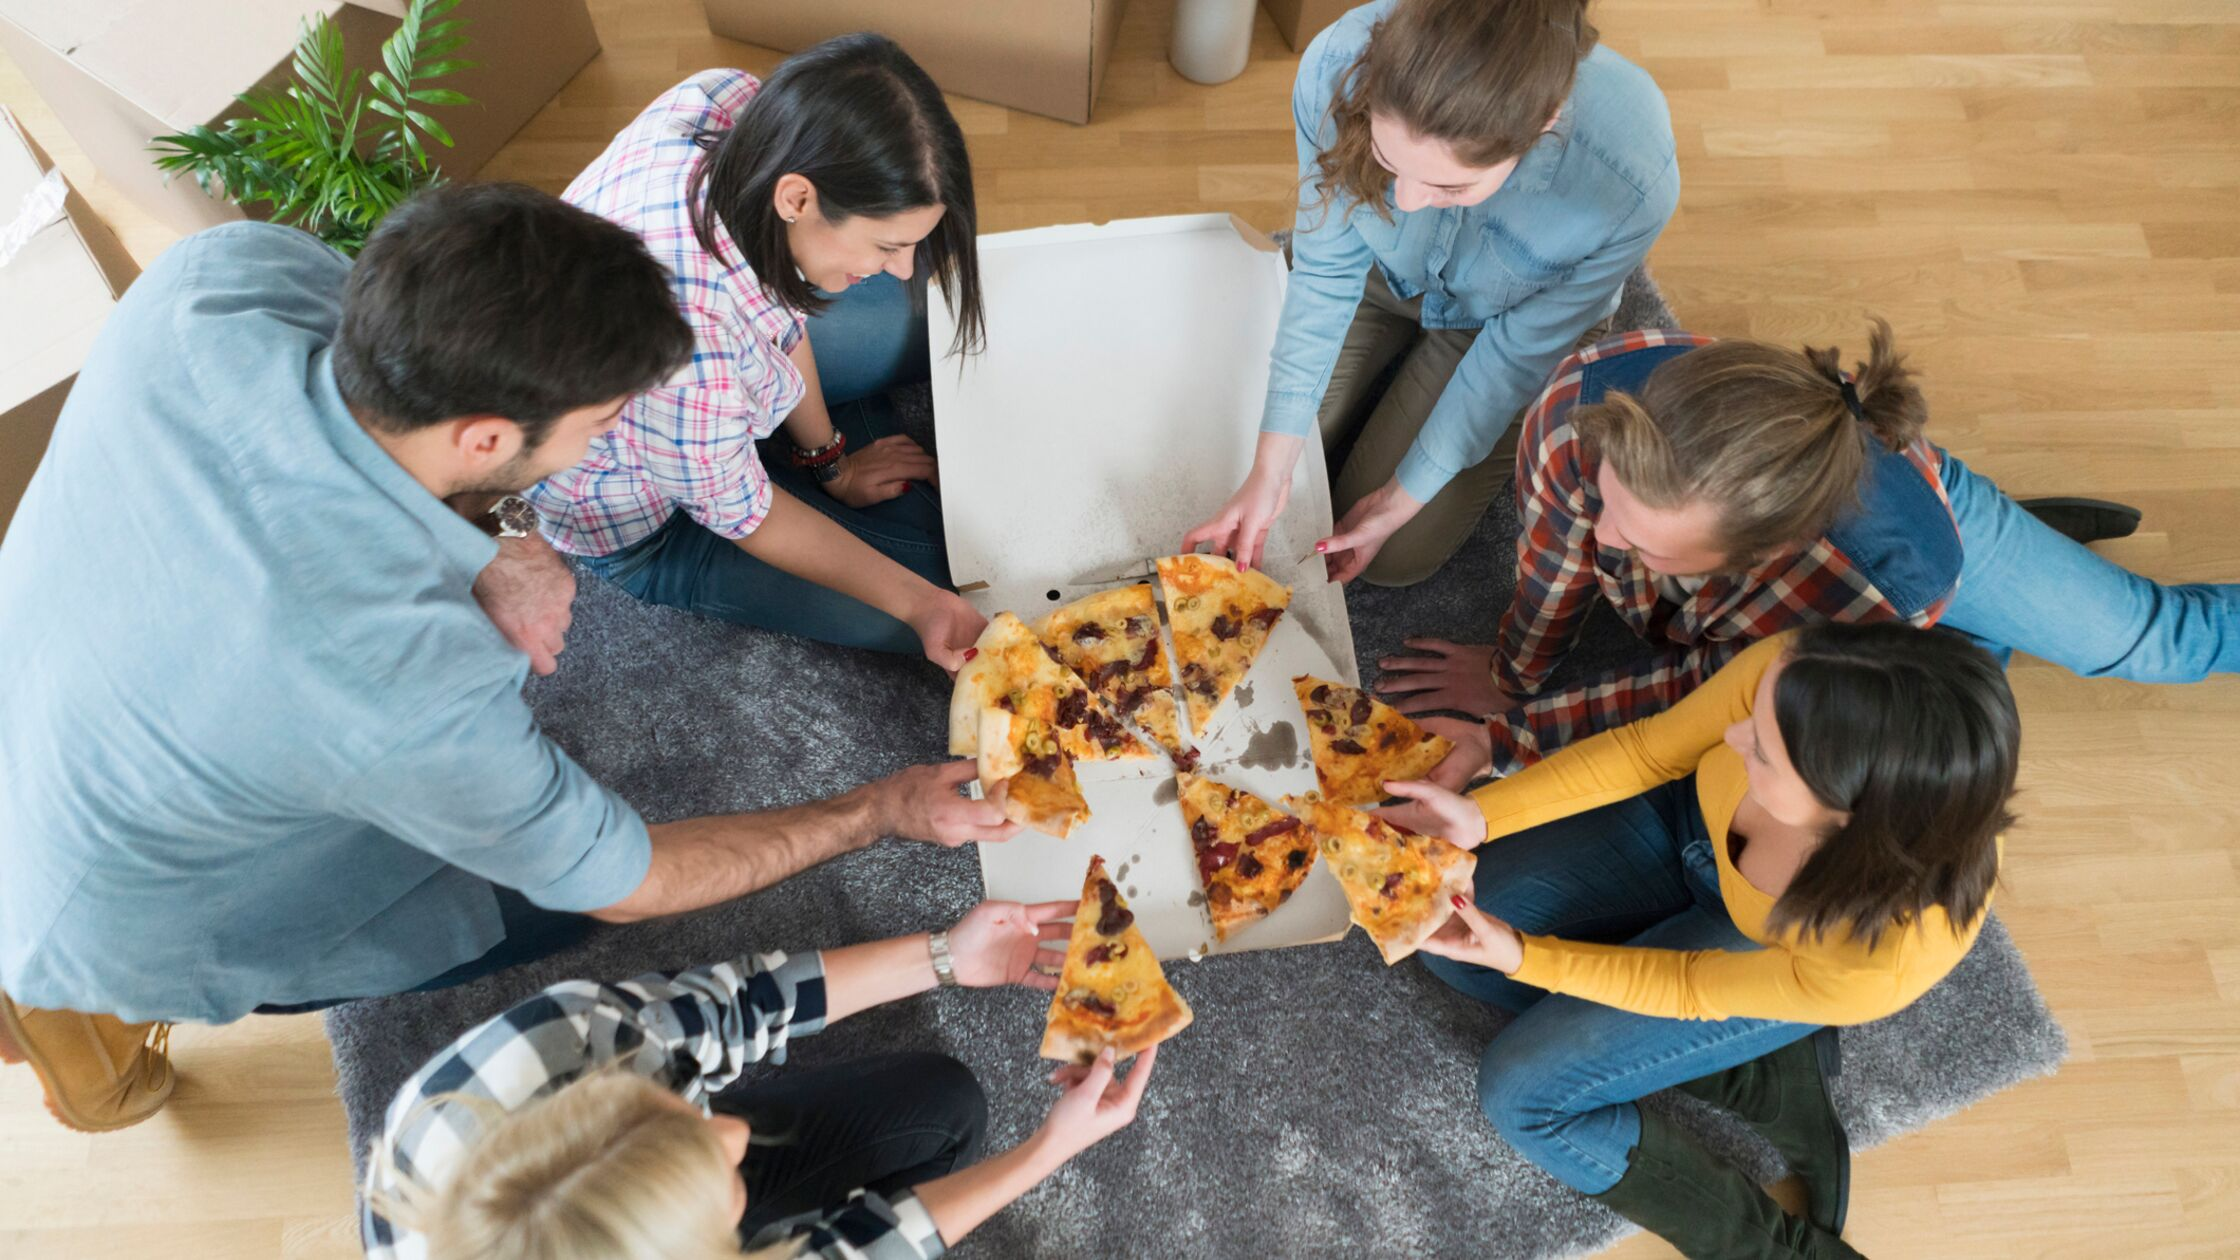 Gruppe von jungen Leuten sitzt zwischen Umzugskartons und teilt sich eine Pizza